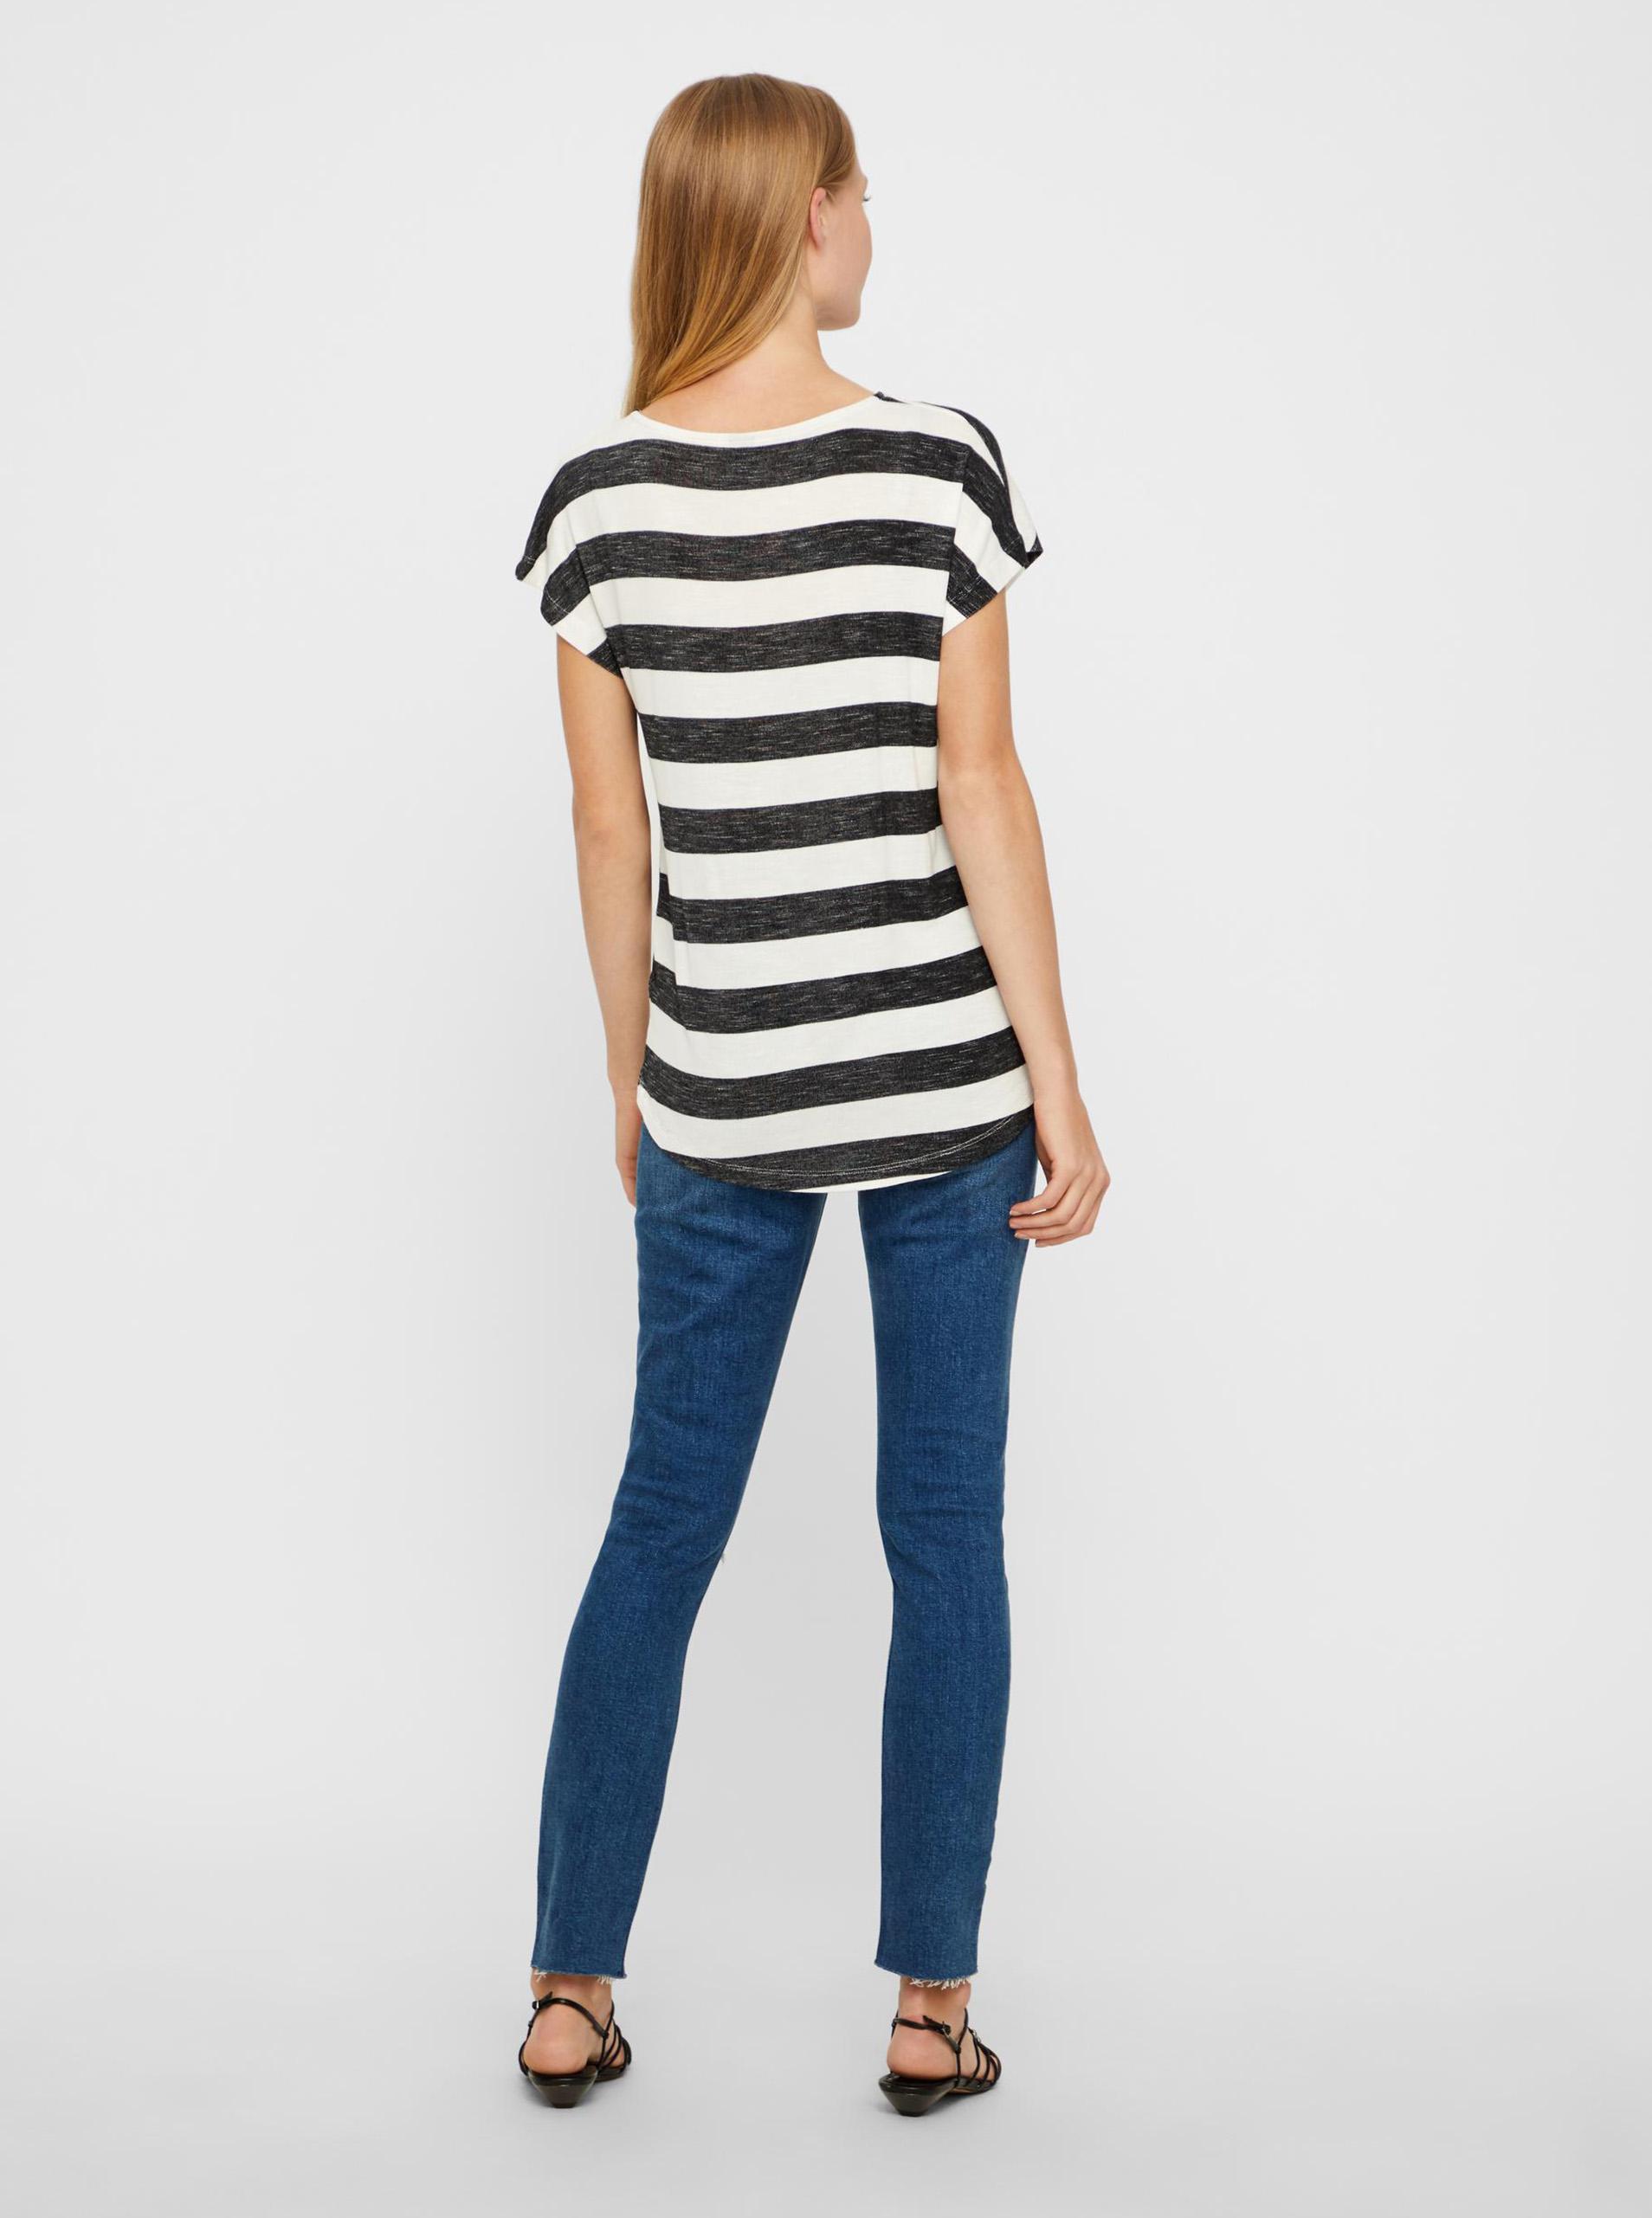 Vero Moda nero a righe maglietta Wide Stripe